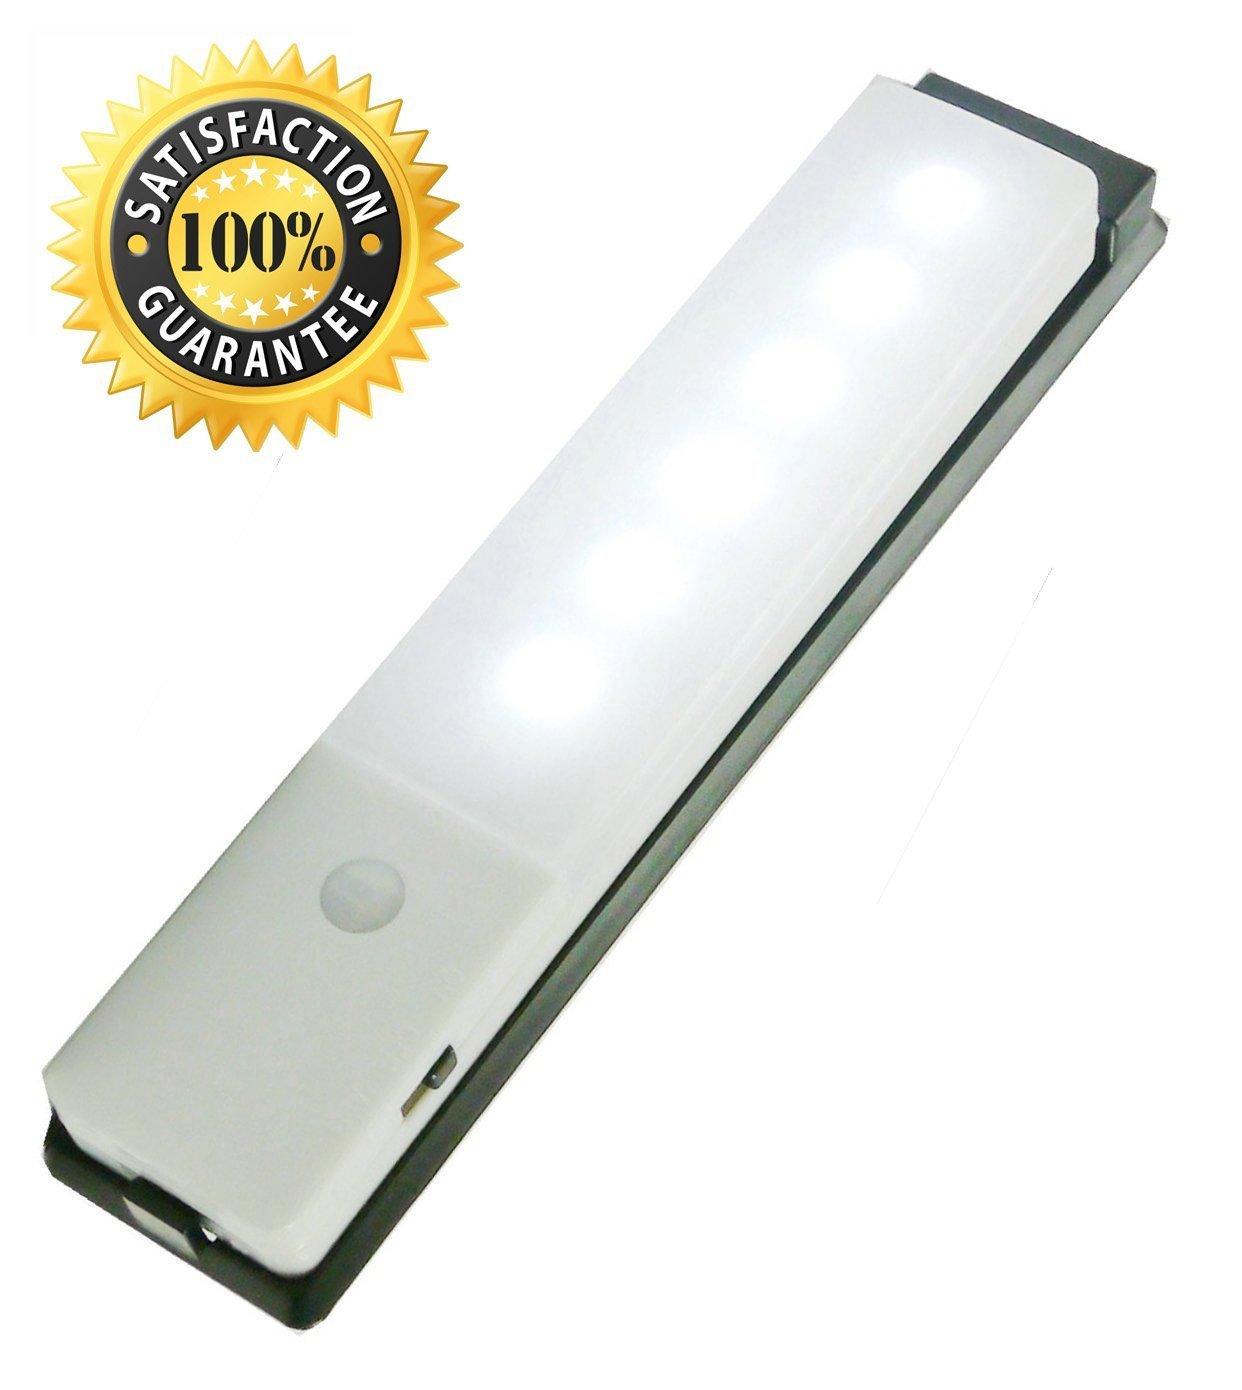 充電式ワイヤレスモーションセンサーライト – JEBSENS t03明るいLED磁気下キャビネット照明、スティックオンポータブルワイヤレスPIR Night Light with 3 M Adhesive、ベースプレート(クールホワイト) B01B7P9YH6 18874